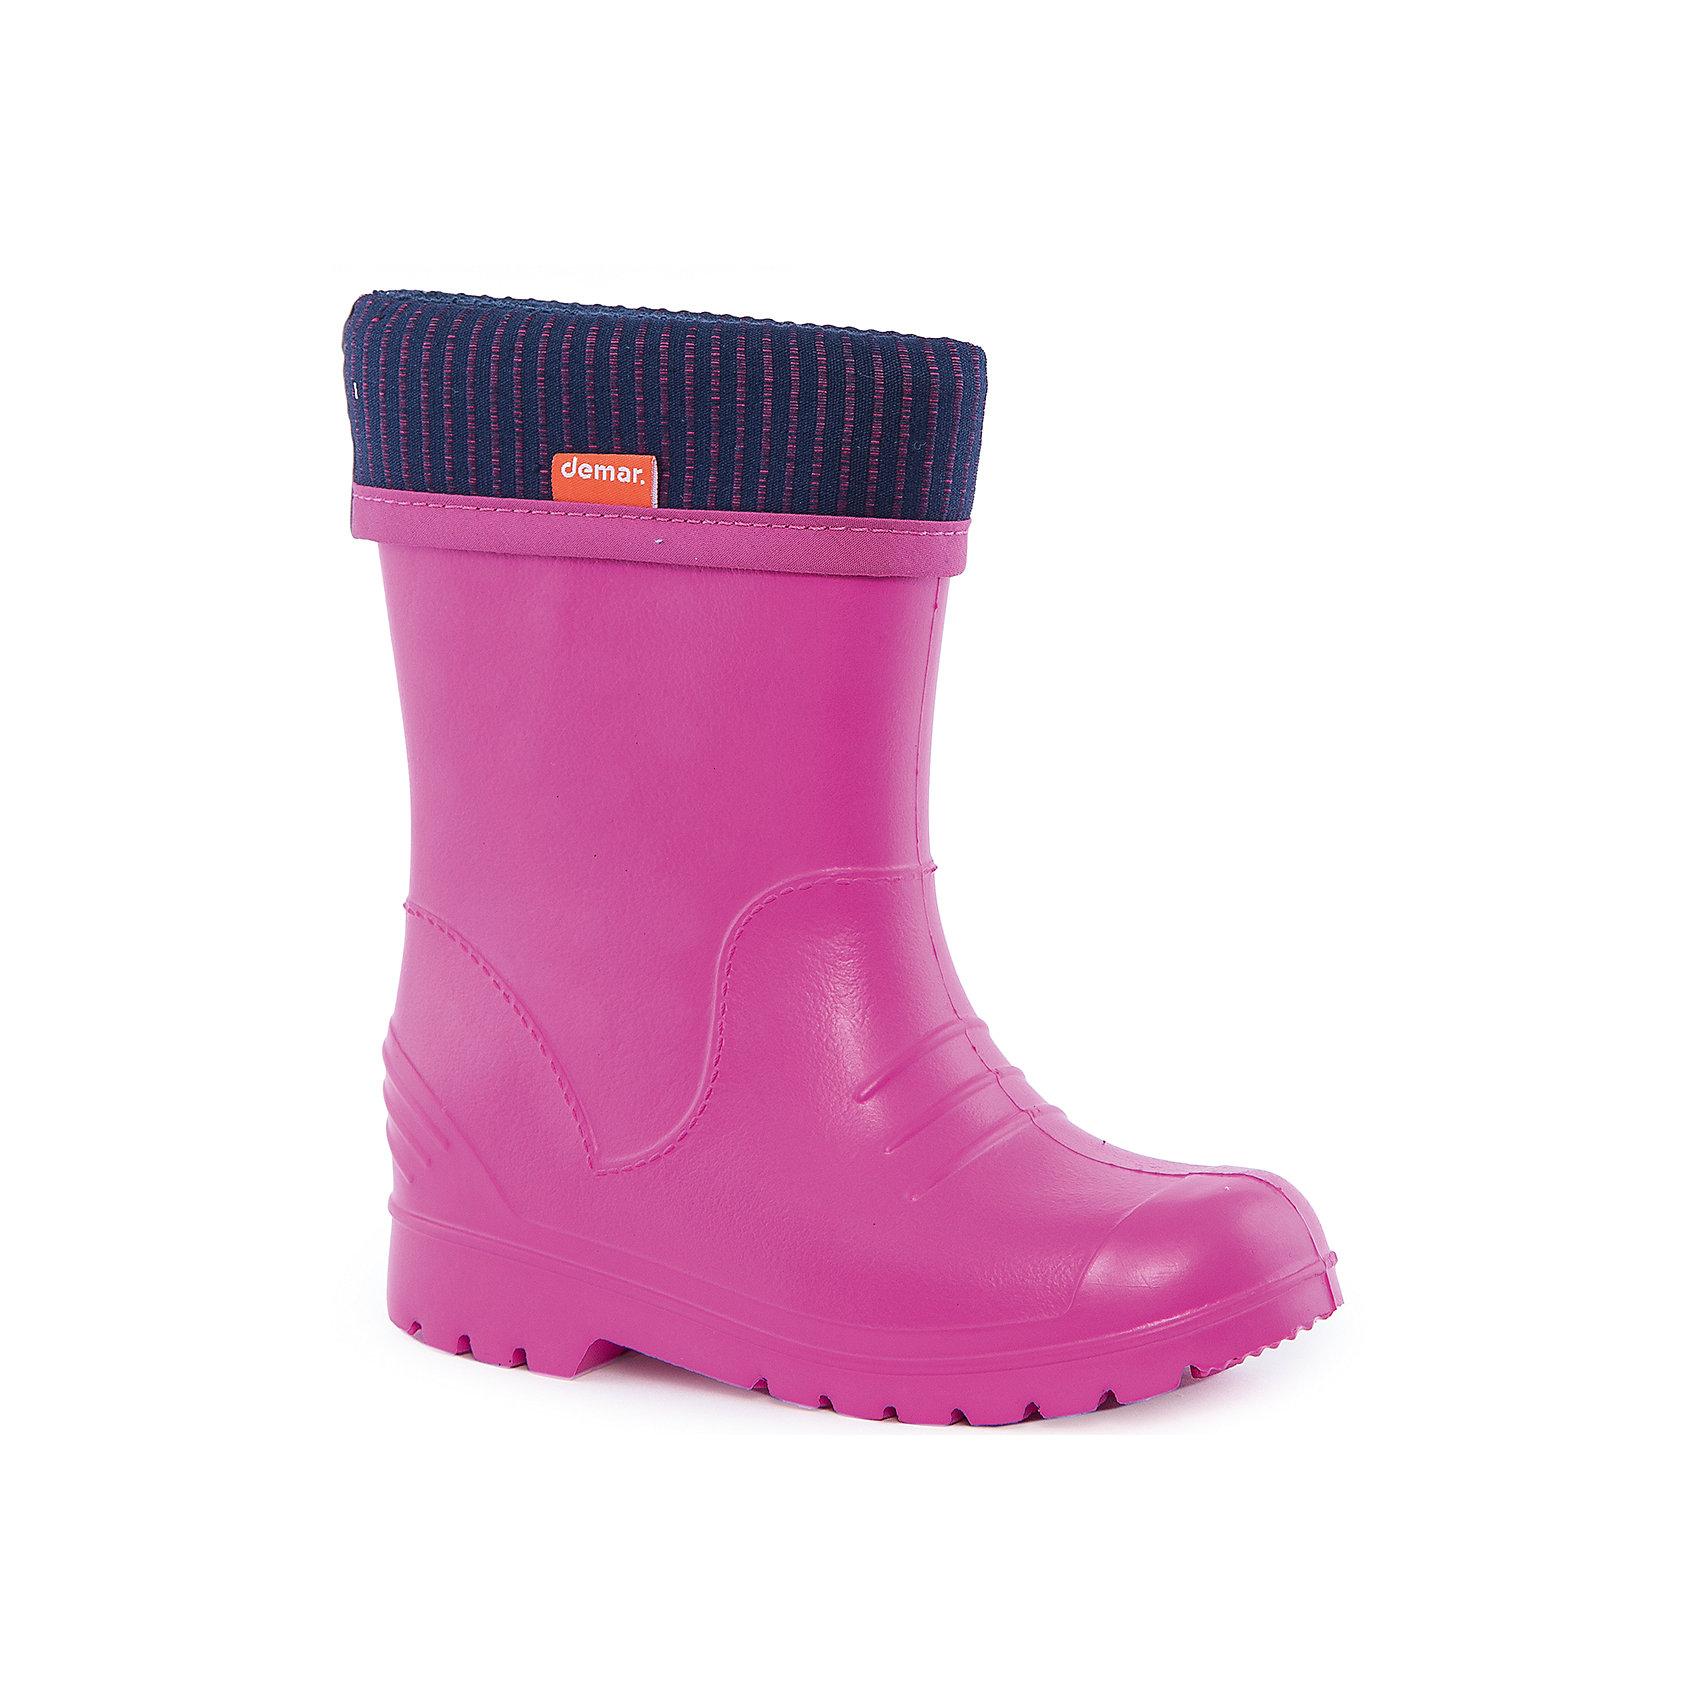 Резиновые сапоги Dino для девочки DEMARРезиновые сапоги<br>Характеристики товара:<br><br>• цвет: розовый<br>• материал верха: ЭВА<br>• материал подкладки: текстиль <br>• съемный внутренний сапожок<br>• материал подошвы: ЭВА<br>• температурный режим: от 0° до +15° С<br>• верх не продувается<br>• стильный дизайн<br>• страна бренда: Польша<br>• страна изготовитель: Польша<br><br>Осенью и весной ребенку не обойтись без непромокаемых сапожек! Чтобы не пропустить главные удовольствия межсезонья, нужно запастись удобной обувью. Такие сапожки обеспечат ребенку необходимый для активного отдыха комфорт, а подкладка из текстиля позволит ножкам оставаться теплыми. Сапожки легко надеваются и снимаются, отлично сидят на ноге. Они удивительно легкие!<br>Обувь от польского бренда Demar - это качественные товары, созданные с применением новейших технологий и с использованием как натуральных, так и высокотехнологичных материалов. Обувь отличается стильным дизайном и продуманной конструкцией. Изделие производится из качественных и проверенных материалов, которые безопасны для детей.<br><br>Сапожки от бренда Demar (Демар) можно купить в нашем интернет-магазине.<br><br>Ширина мм: 237<br>Глубина мм: 180<br>Высота мм: 152<br>Вес г: 438<br>Цвет: розовый<br>Возраст от месяцев: 120<br>Возраст до месяцев: 132<br>Пол: Женский<br>Возраст: Детский<br>Размер: 34/35,20/21,28/29,32/33,30/31,24/25,26/27,22/23,36/37<br>SKU: 4576152